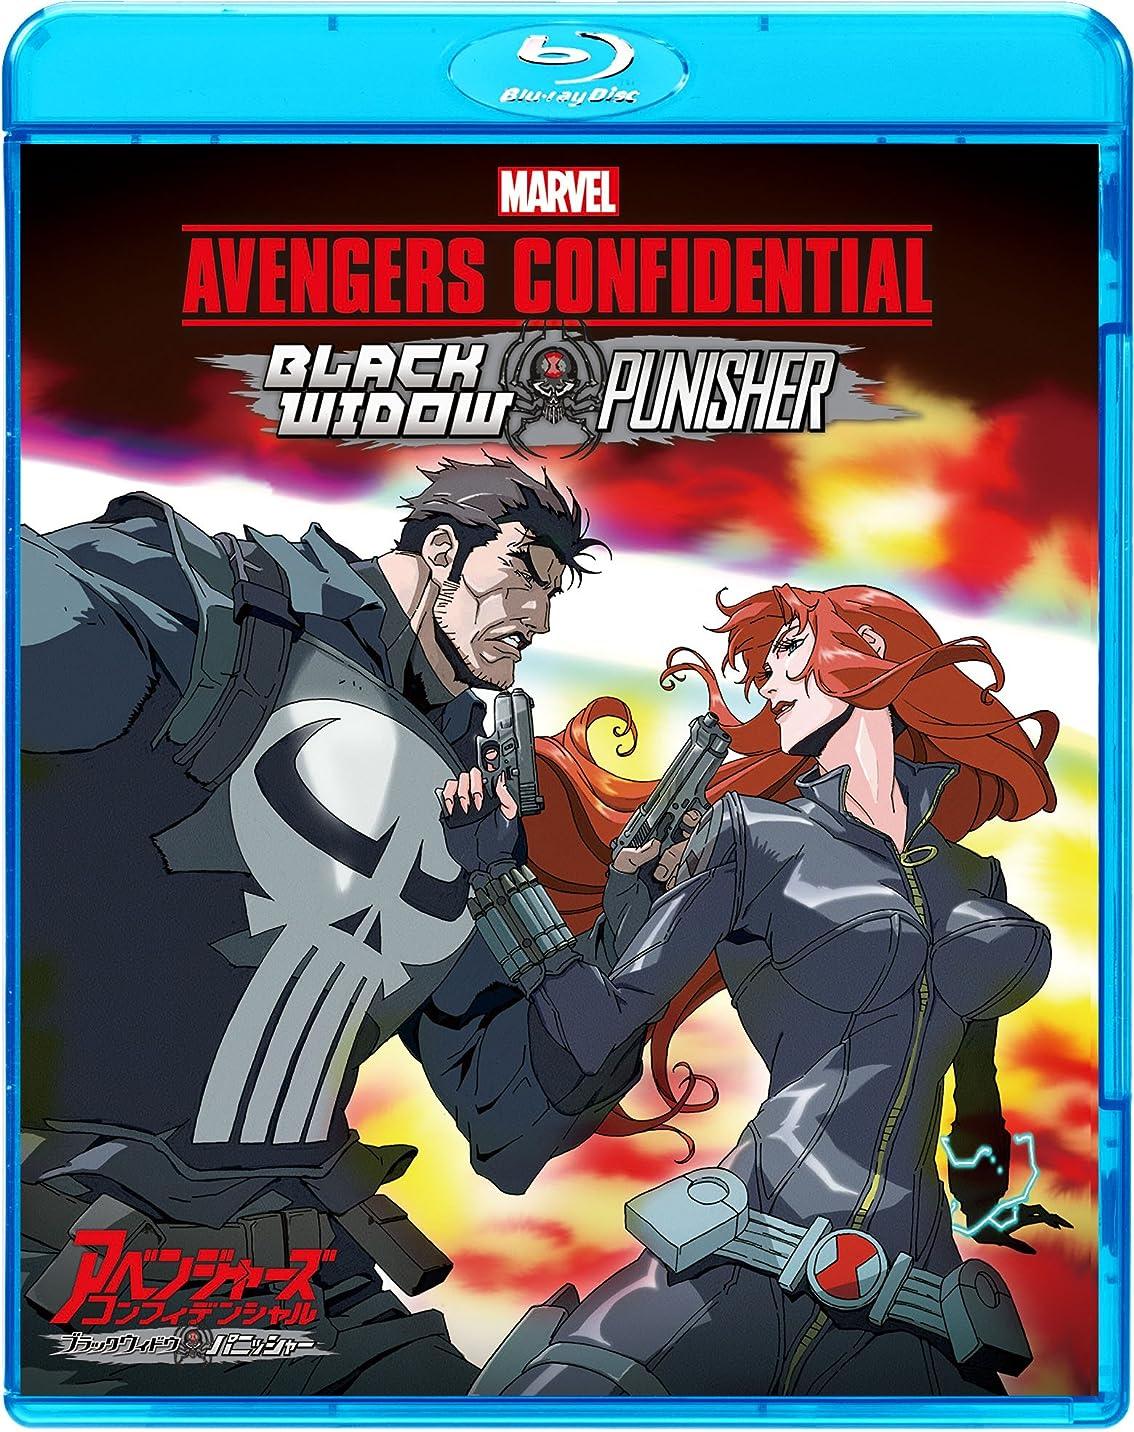 落胆させる義務的メンテナンスアベンジャーズ コンフィデンシャル:ブラック?ウィドウ & パニッシャー [Blu-ray]